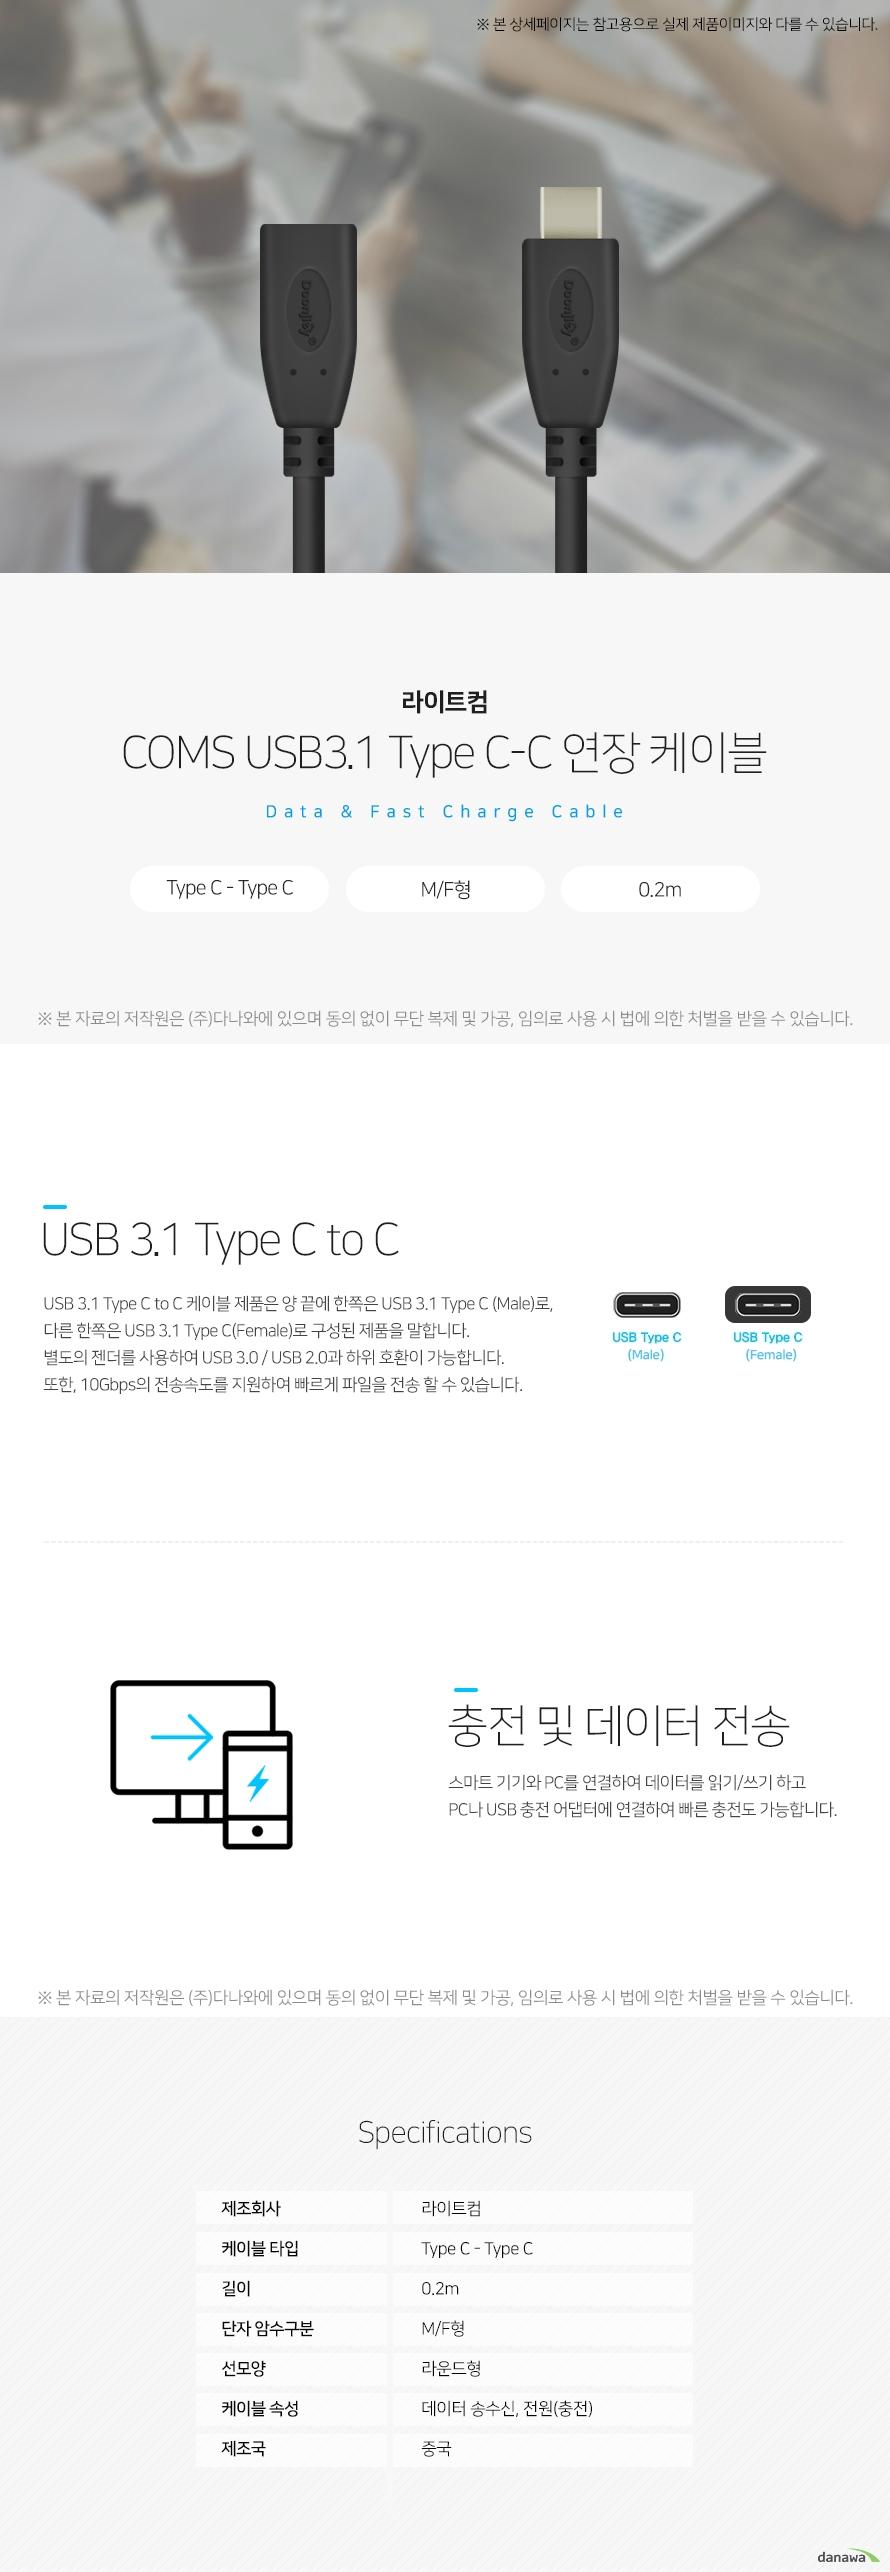 라이트컴 COMS USB3.1 Type C-C 연장 케이블 데이터 앤 패스트 차지 케이블 USB 3.1 Type C to C USB 3.1 Type C to C 케이블 제품은 양 끝에 한쪽은 USB 3.1 Typc C(Male)로, 다른 한쪽은 USB 3.1 Type C(Female)로 구성된 제품을 말합니다. 별도의 젠더를 사용하여 USB 3.0/USB 2.0과 하위 호환이 가능합니다. 또한, 10Gbps의 전송속도를 지원하여 빠르게 파일을 전송할 수 있습니다. 충전 및 데이터 전송 스마크 기기와 PC를 연결하여 데이터를 읽기/쓰기 하고 PC나 USB 충전 어댑터에 연결하여 빠른 충전도 가능합니다. 스펙 제조회사 라이트컴 케이블타입 Type C- Type C 길이 0.2m 단자 암수 구분 M/F형 선모양 라운드형 케이블 속성 데이터 송수신, 전원(충전) 제조국 중국